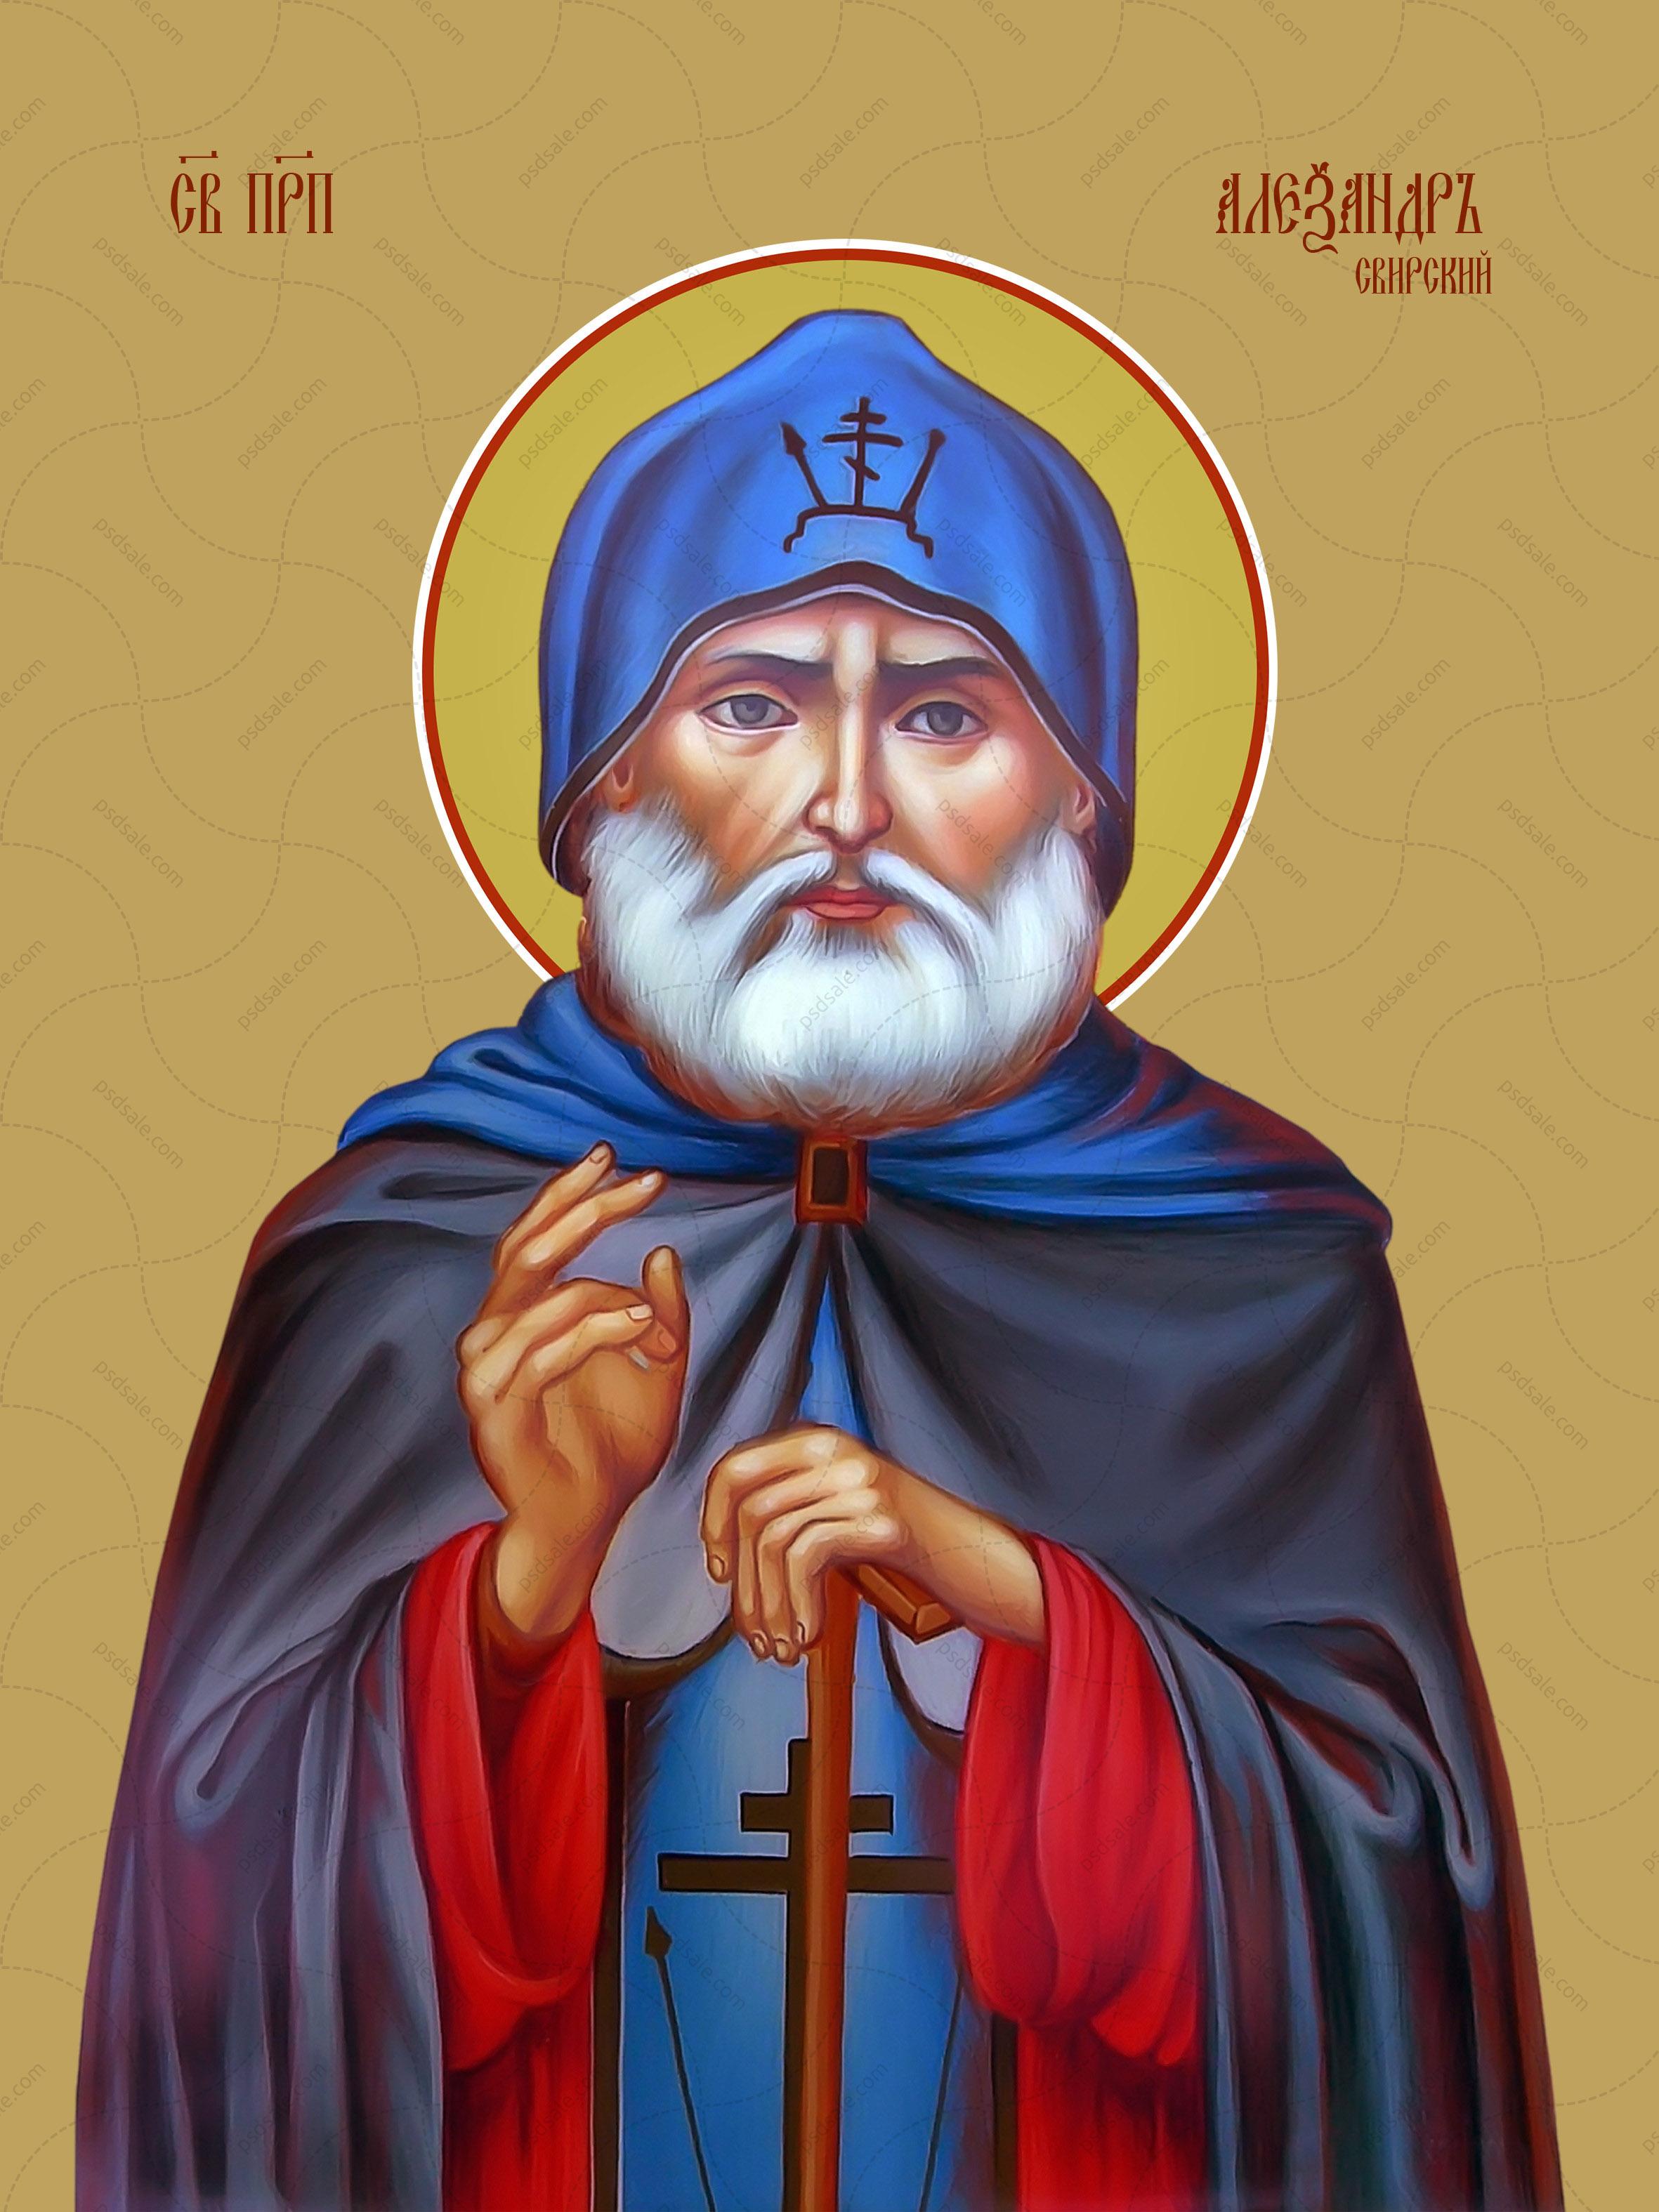 Александр Свирский, преподобный